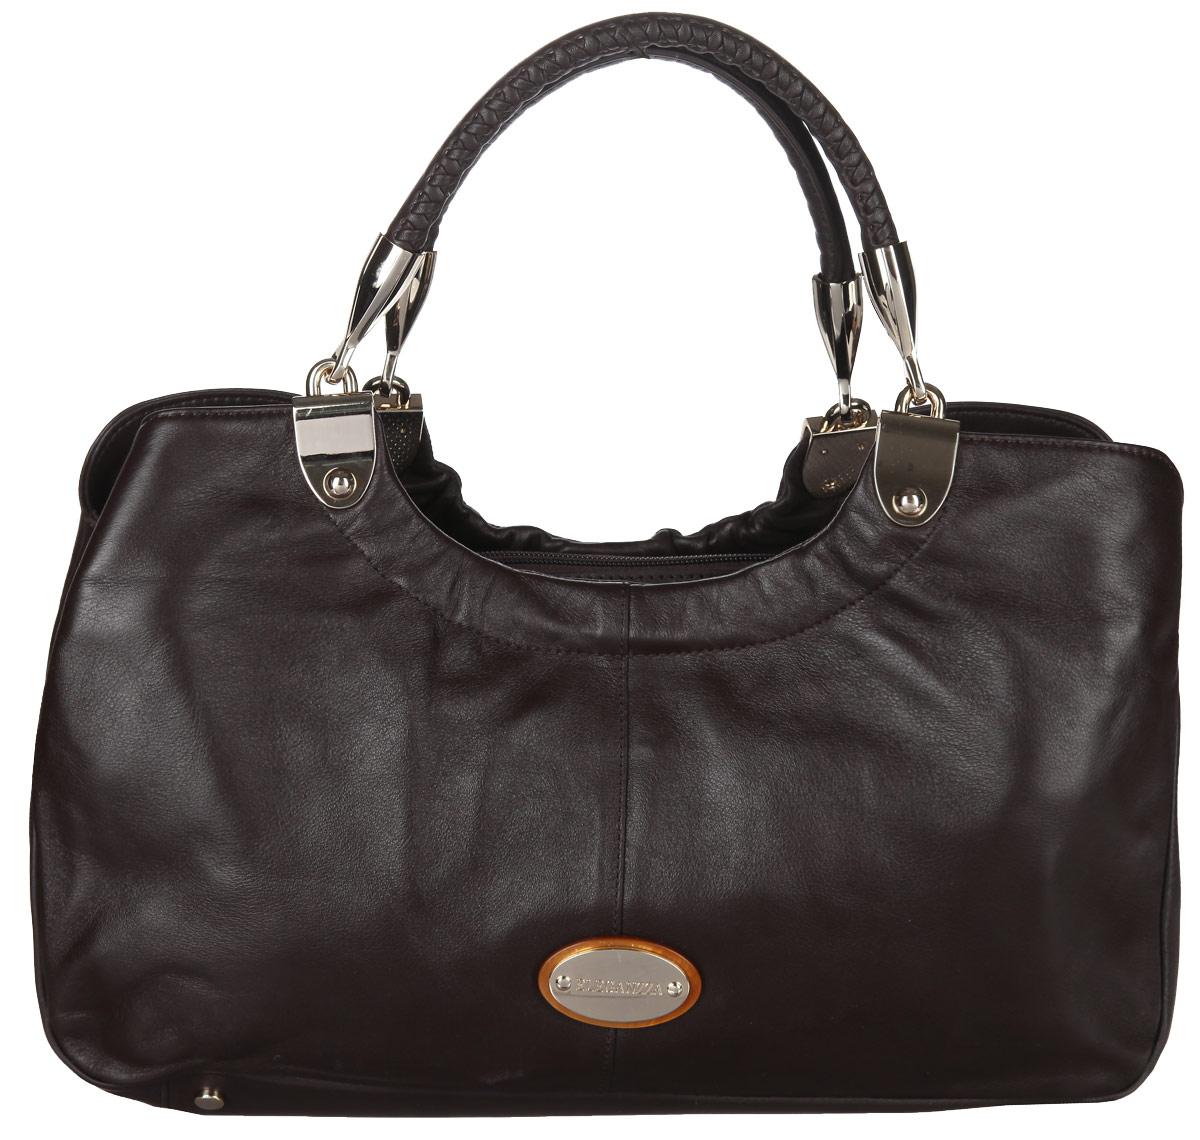 Сумка женская Eleganzza, цвет: коричневый. ZB-53183-47670-00504Стильная сумка Eleganzza изготовлена из натуральной кожи с зернистой фактурой, оформлена металлической фурнитурой с символикой бренда.Изделие содержит три отделения, два из которых закрываются на магнитные кнопки, а третье на застежку-молнию. Внутри расположен врезной карман на молнии. Изделие оснащено двумя практичными ручками, которые оформлены металлической фурнитурой и съемным плечевым ремнем регулируемой длины. Дно изделия дополнено металлическими ножками.Оригинальный аксессуар позволит вам завершить образ и быть неотразимой.